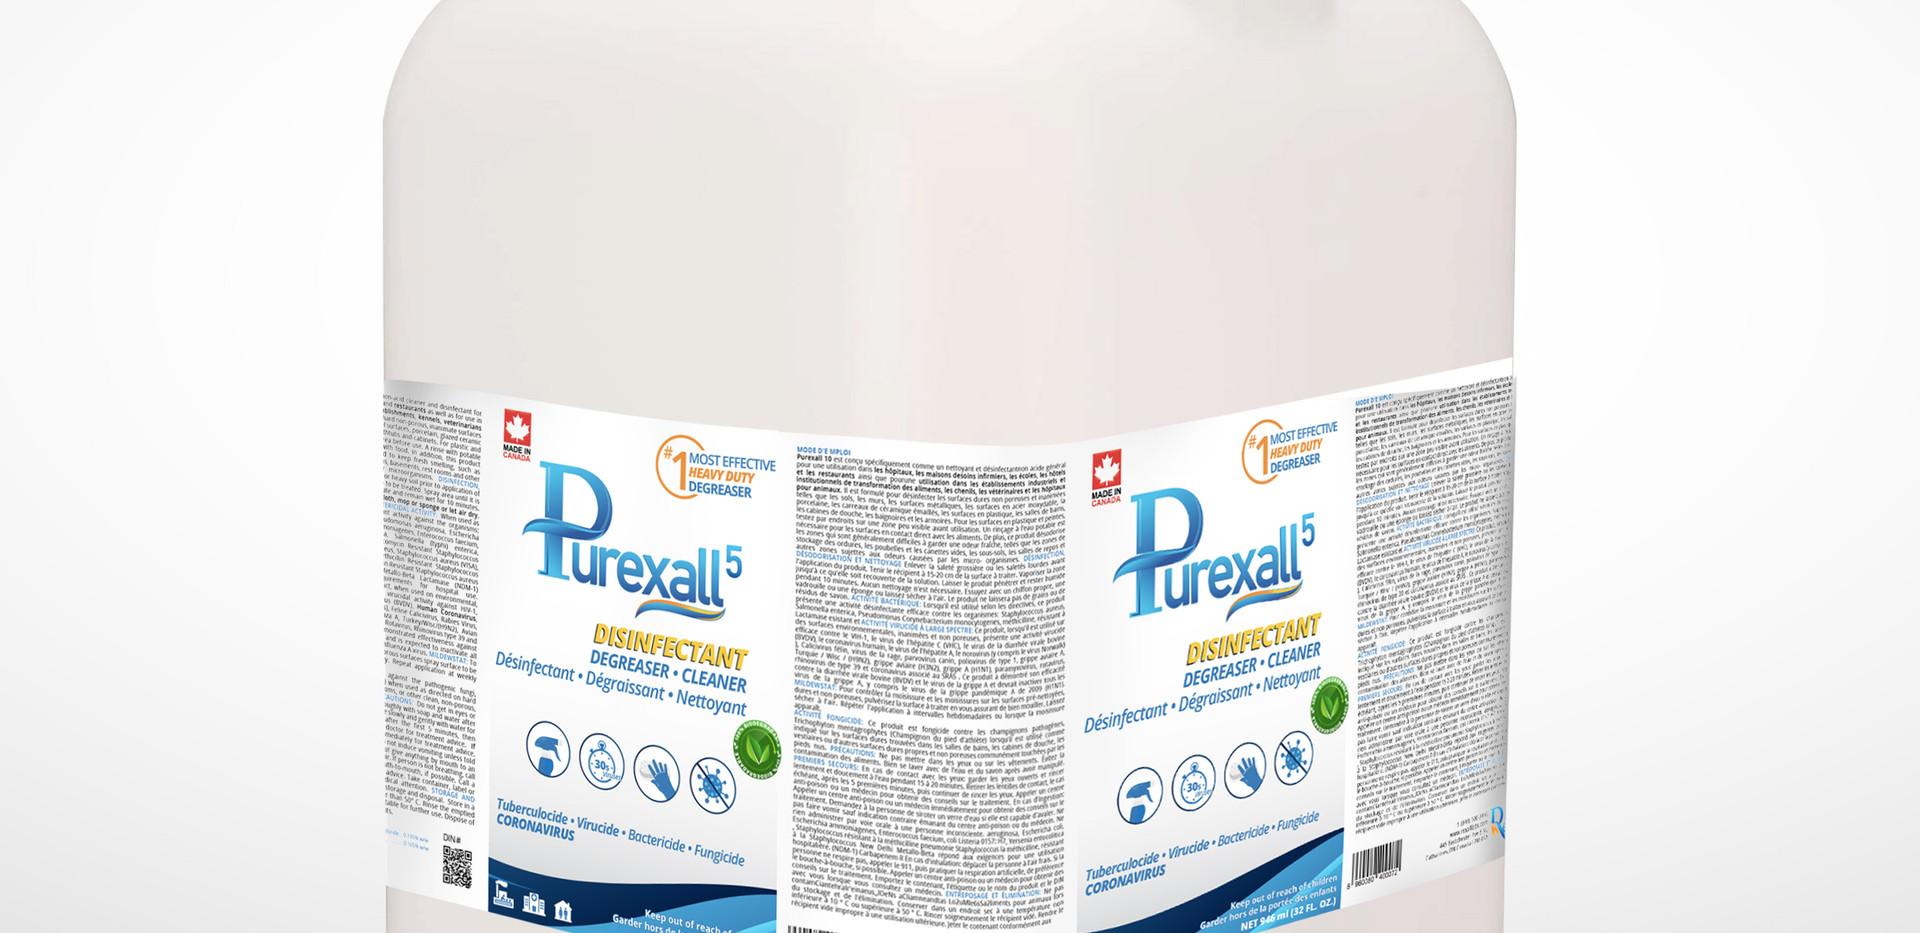 Purexall 5 20L Jug.jpg